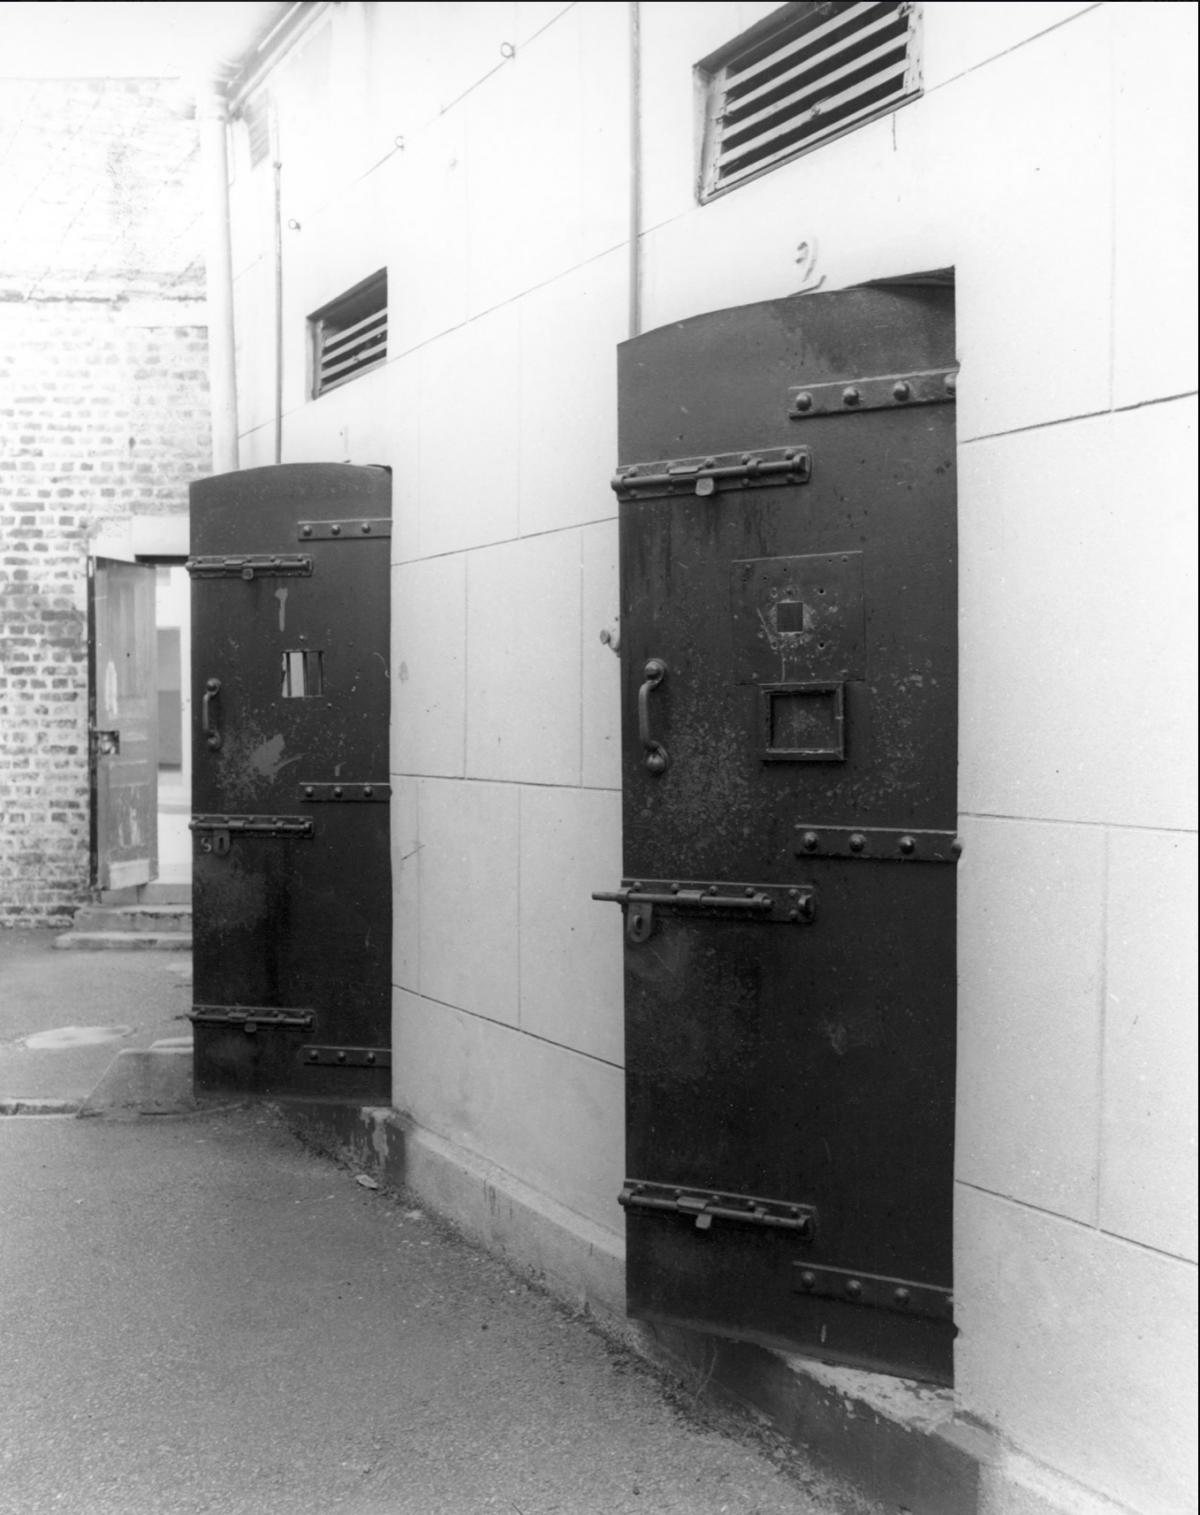 Jail doors